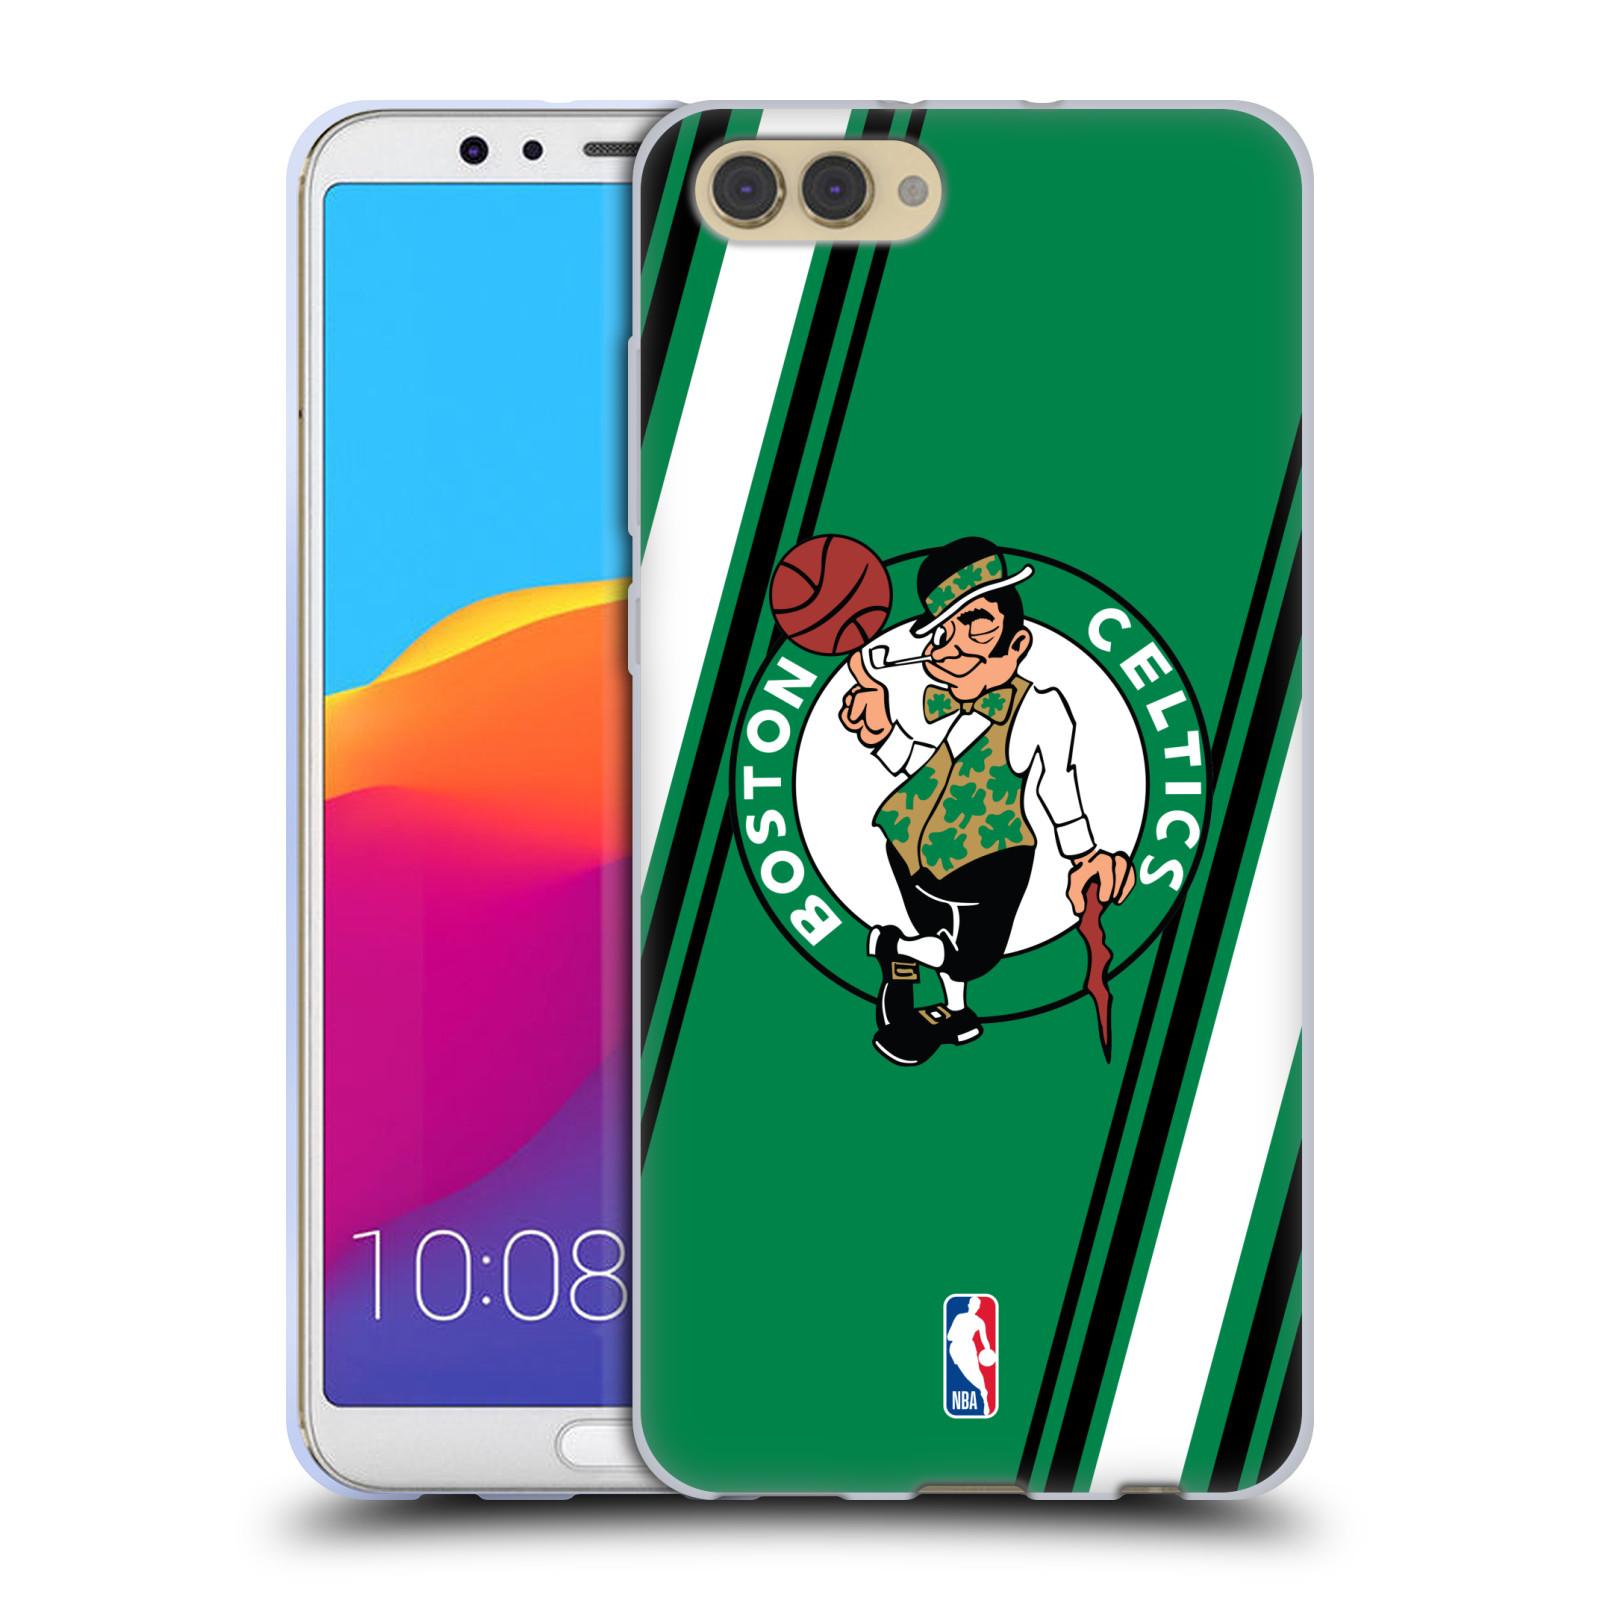 HEAD CASE silikonový obal na mobil Huawei HONOR VIEW 10 / V10 NBA Basketbalový klub Boston Celtics proužky barevné logo zelená